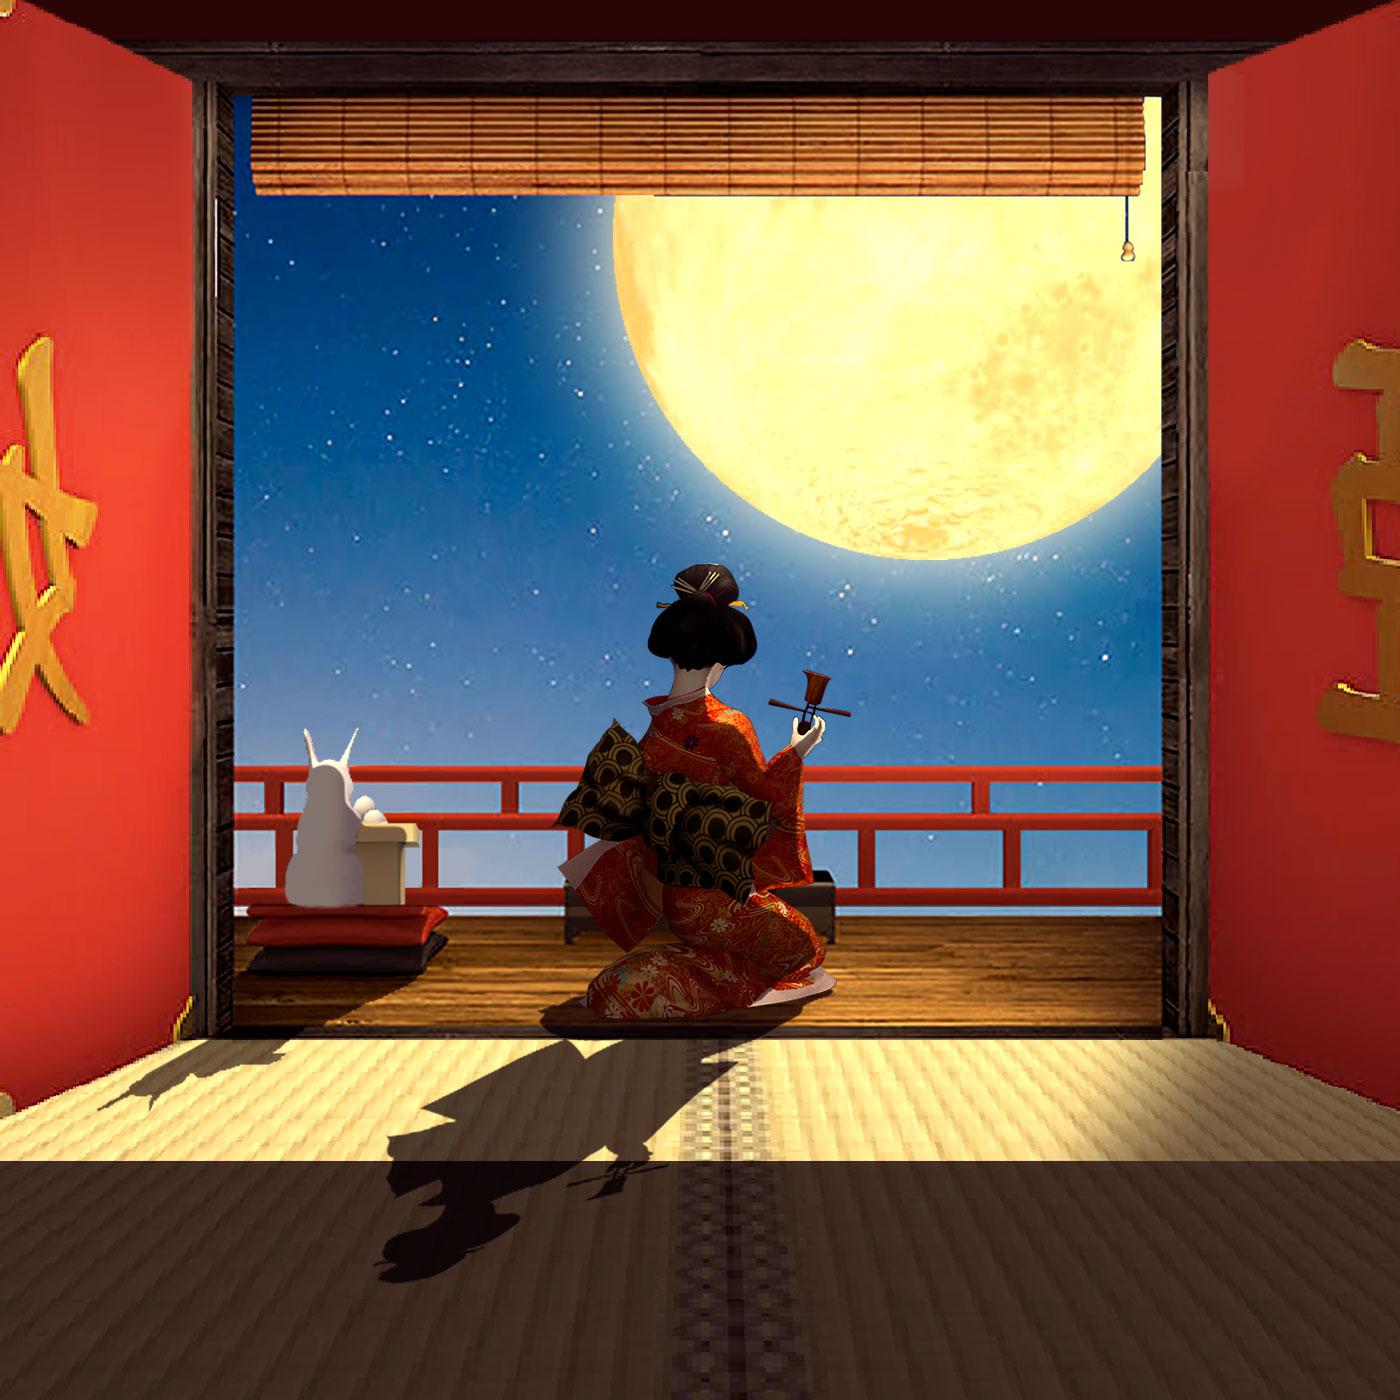 《月夜逃出计划》鉴赏:月与竹,辉夜姬的出逃之旅